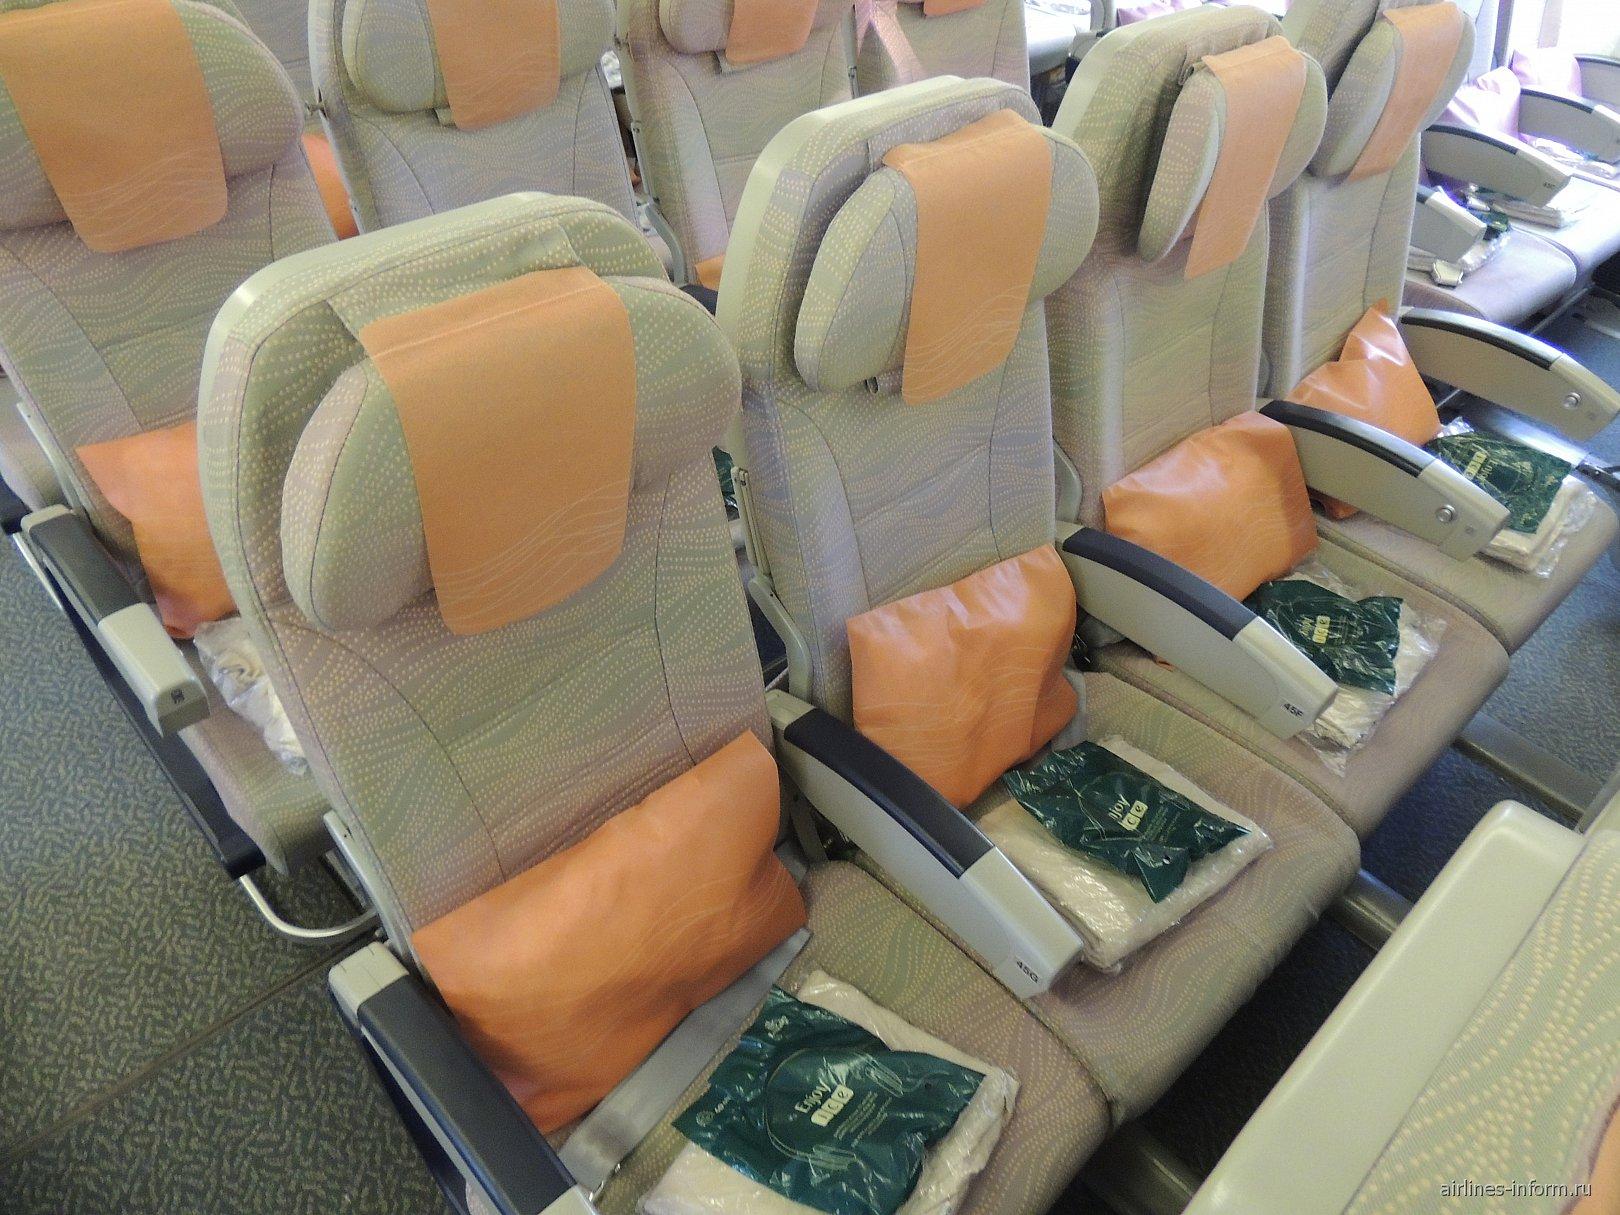 Пассажирские места в Боинге-777-300 авиакомпании Emirates